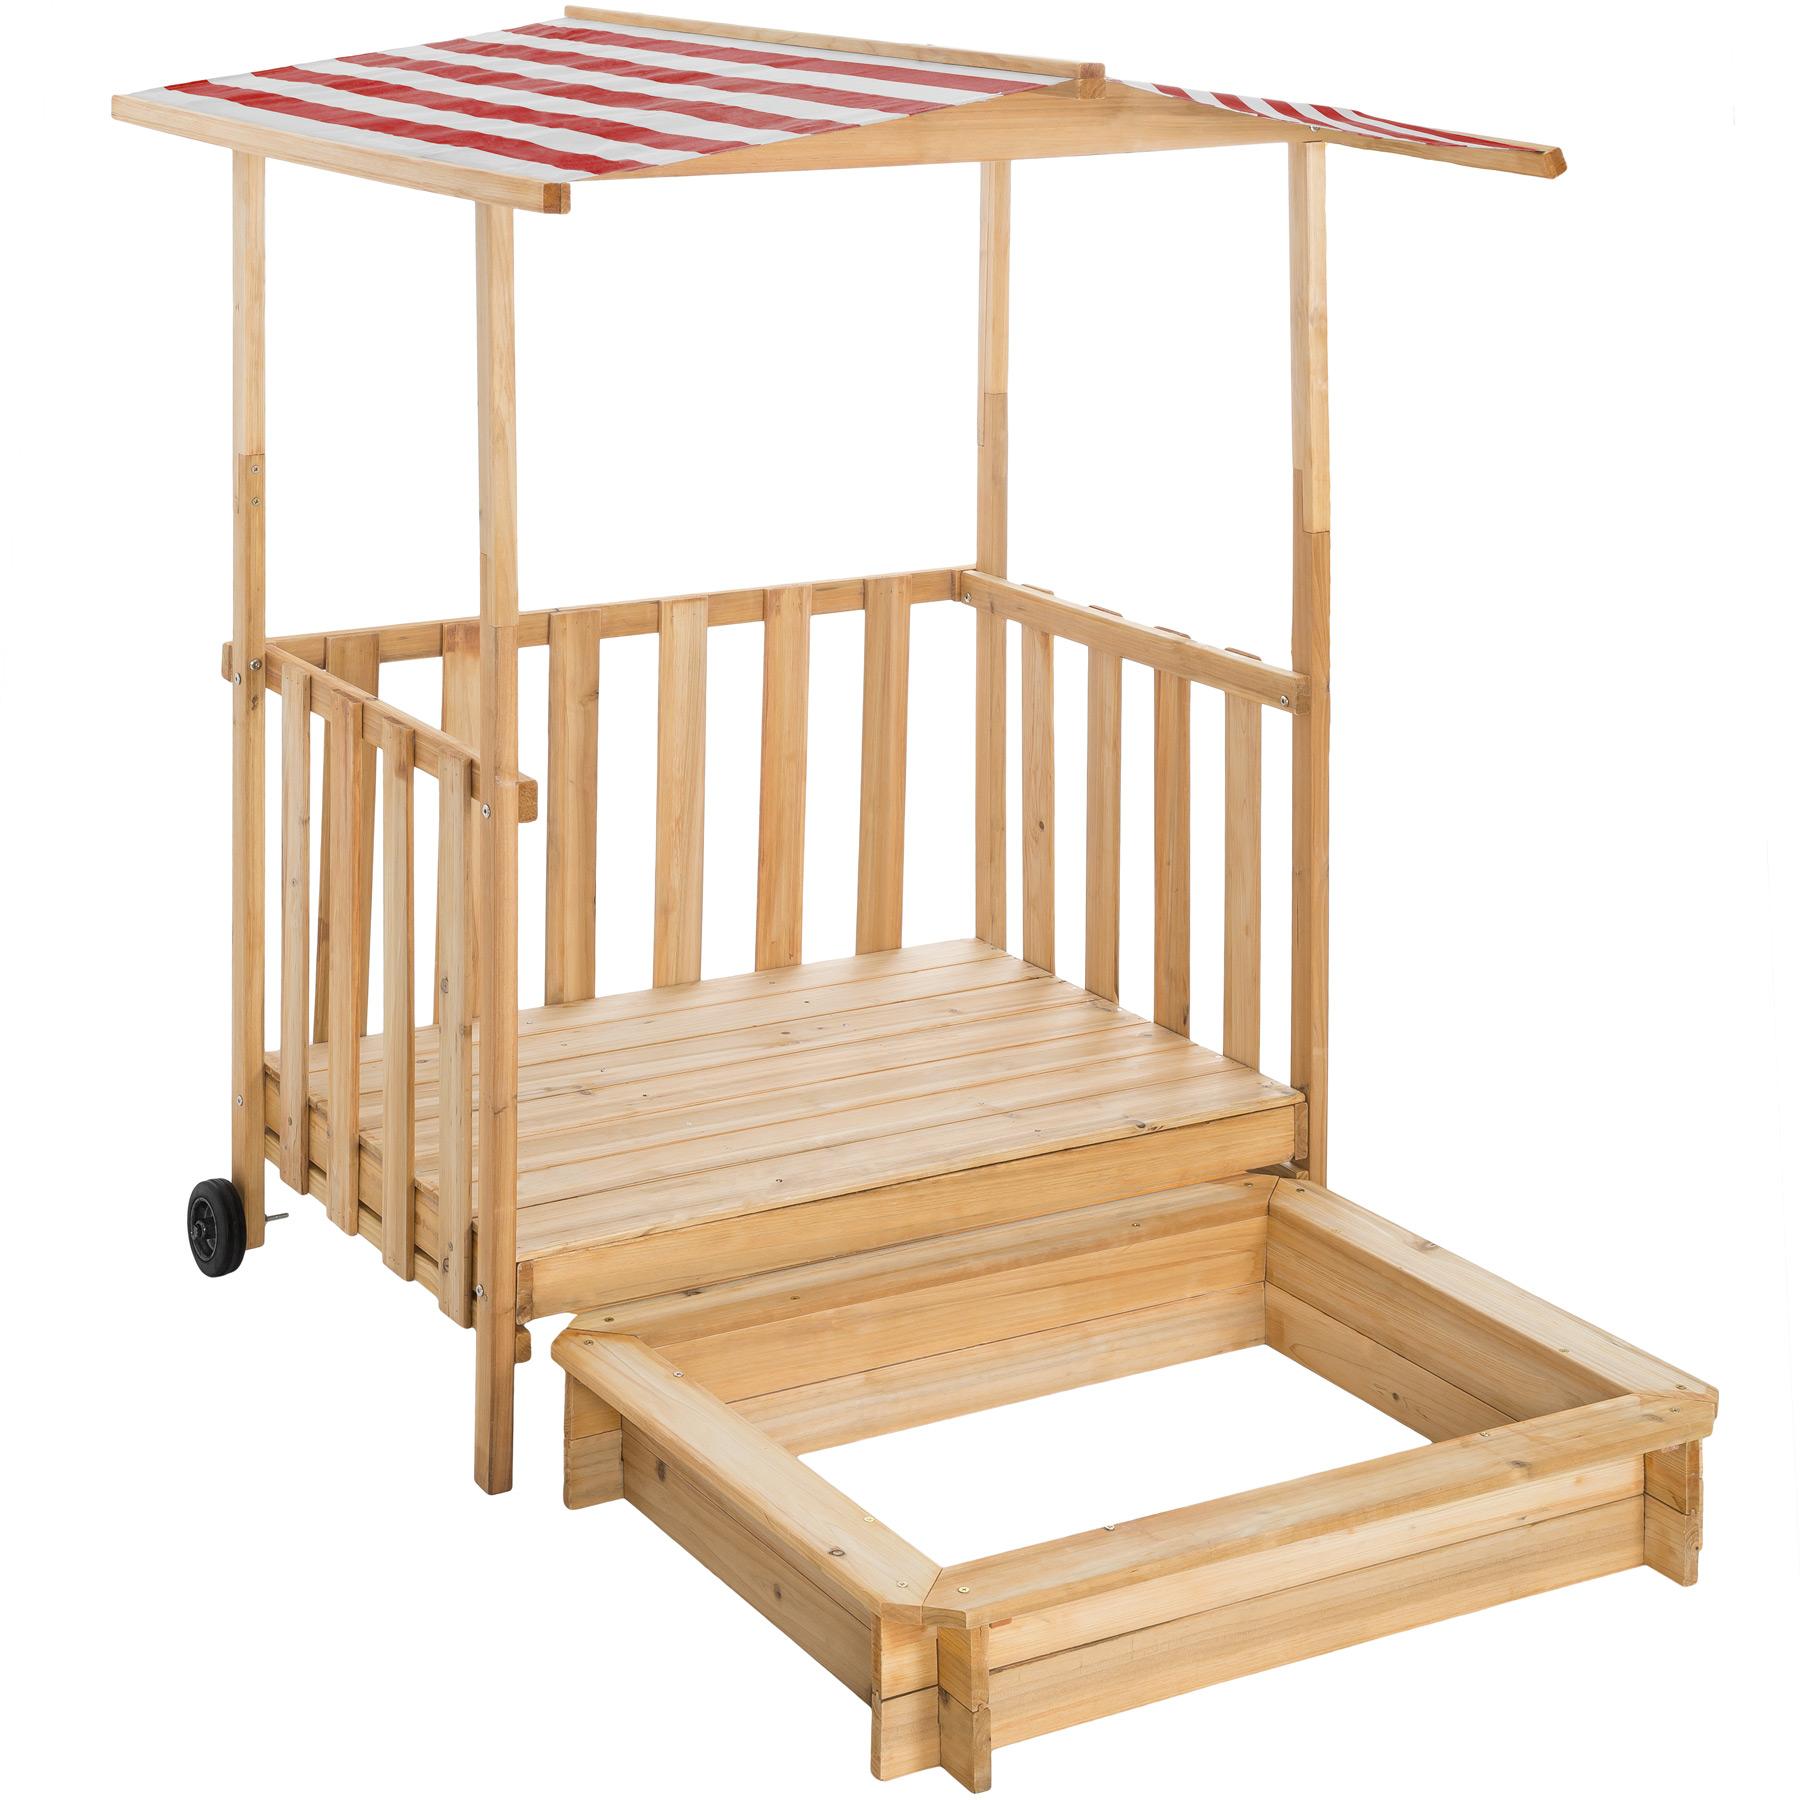 Sandkasten und Spielveranda mit Dach Gretchen rot günstig online kaufen